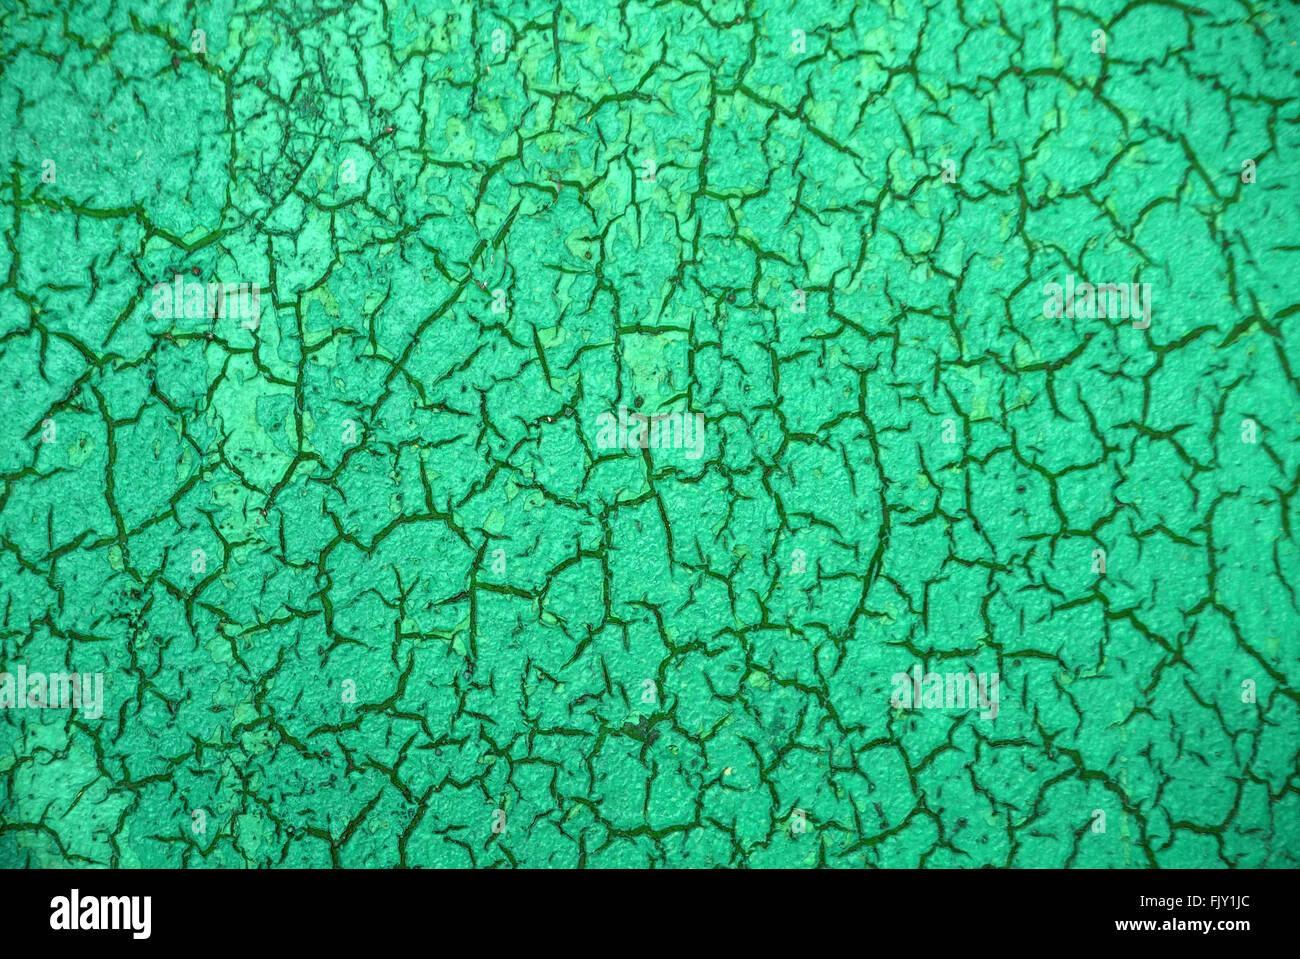 Telaio completo colpo di verde parete testurizzata Immagini Stock